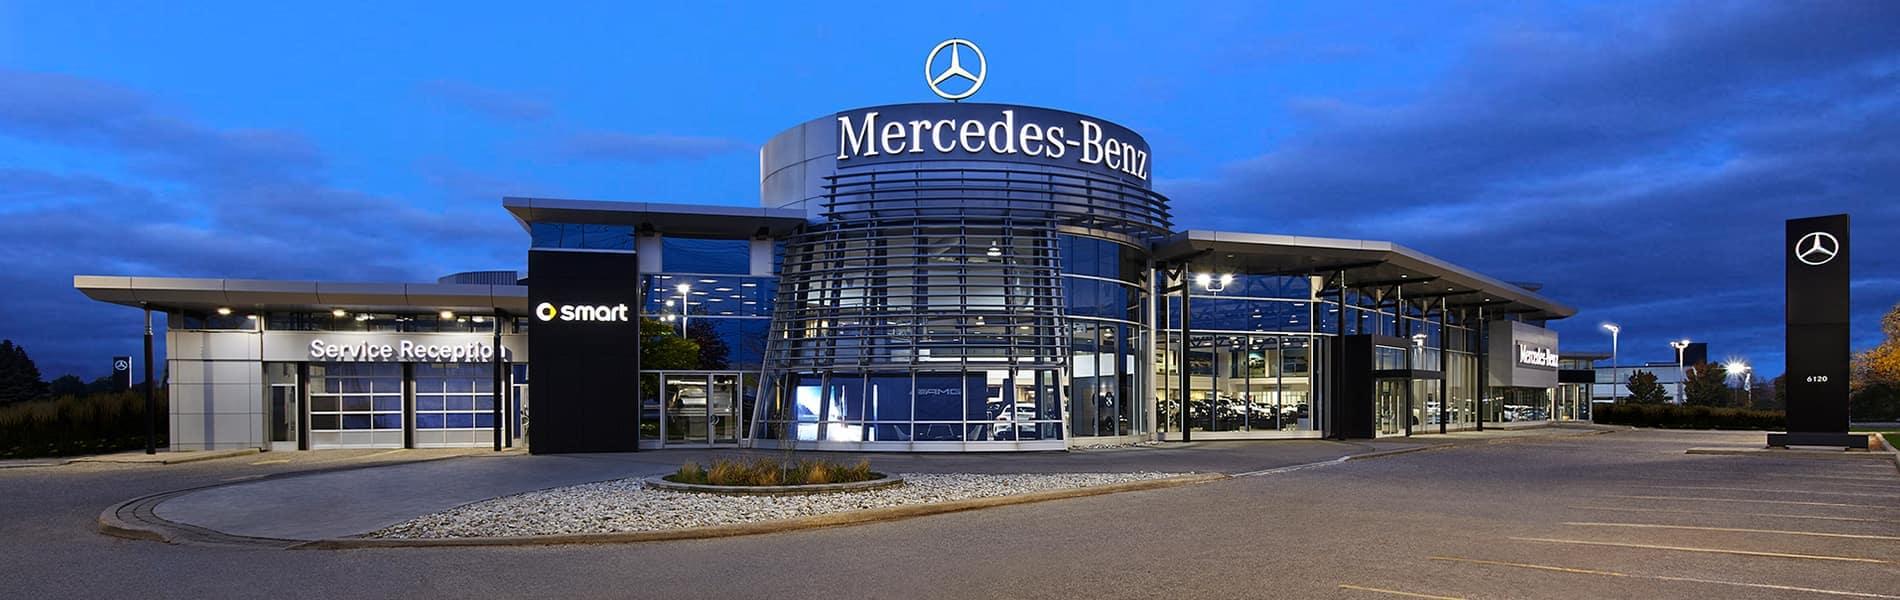 Mercedes Benz Dealers >> Contact Us Mercedes Benz Mississauga 6120 Mavis Rd